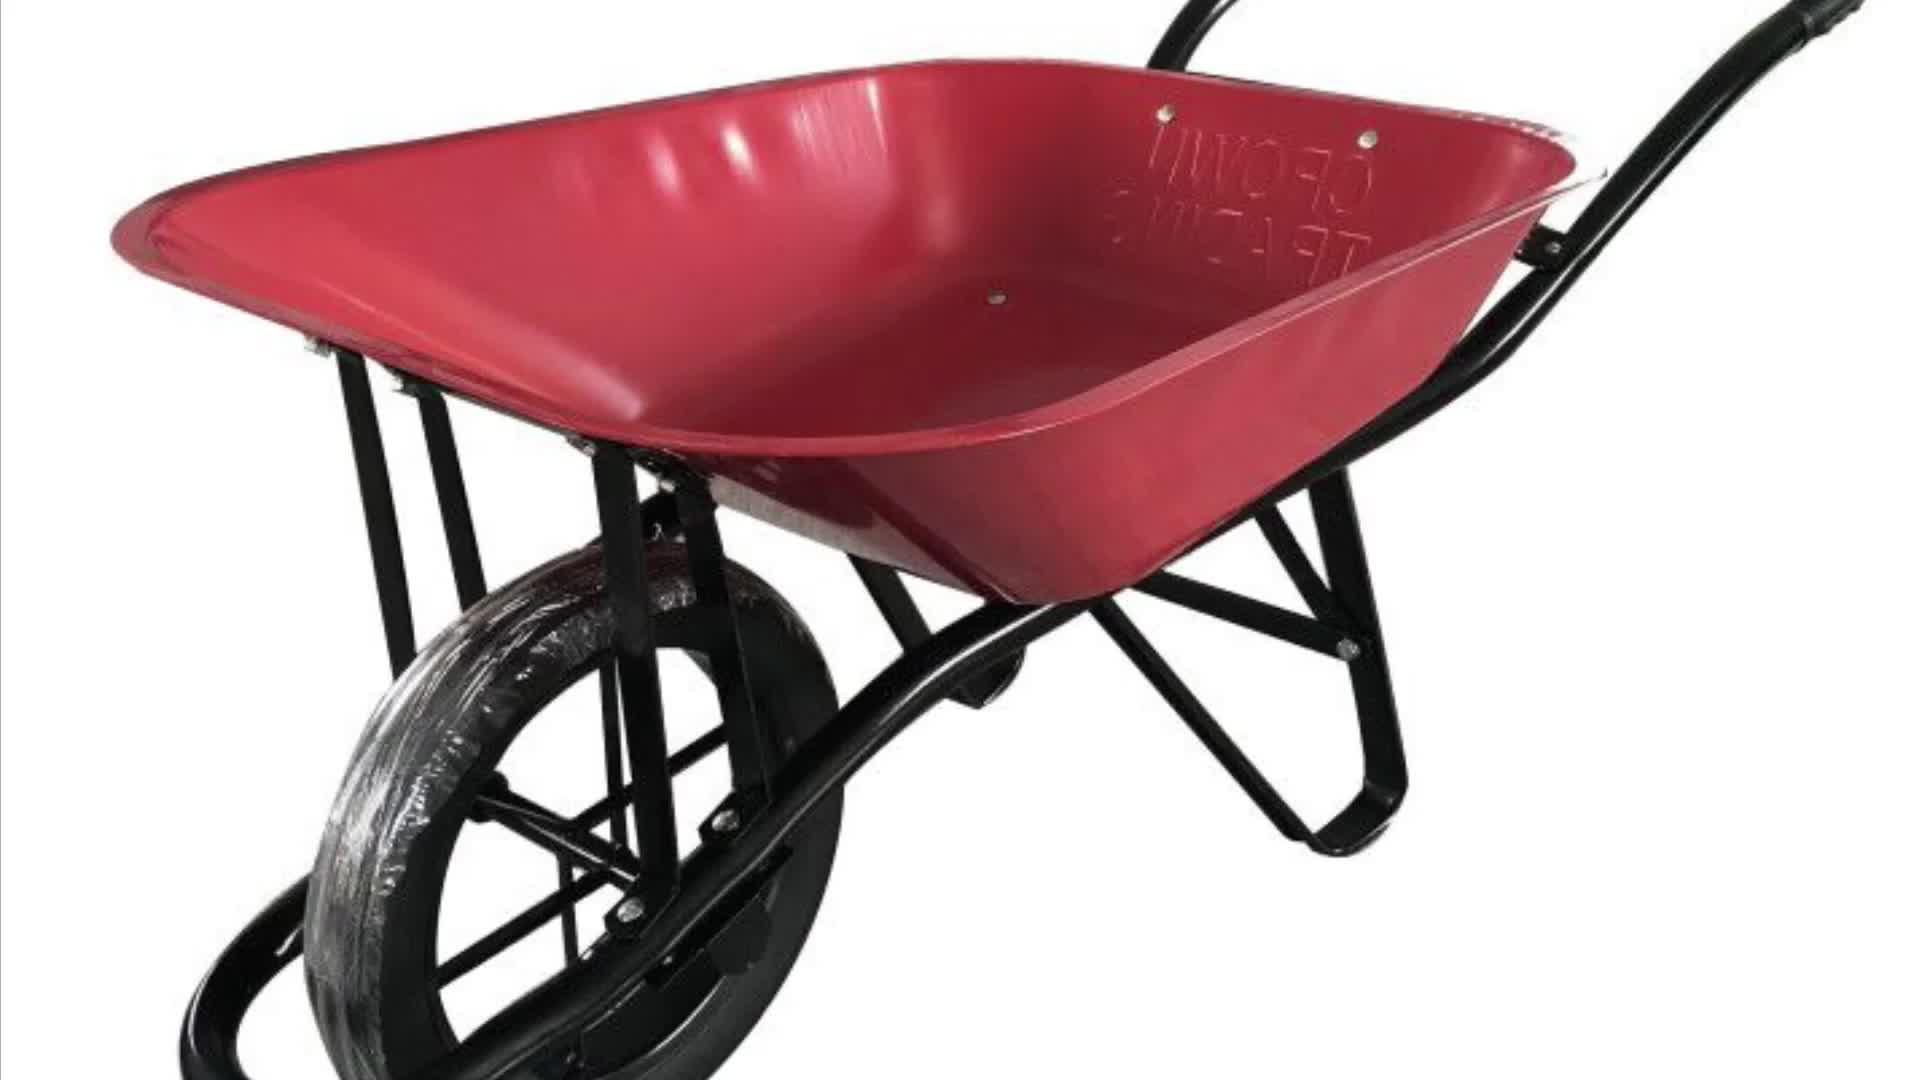 WB6201印尼建筑手推车 物流手推车 工具手推车 wheelbarrow